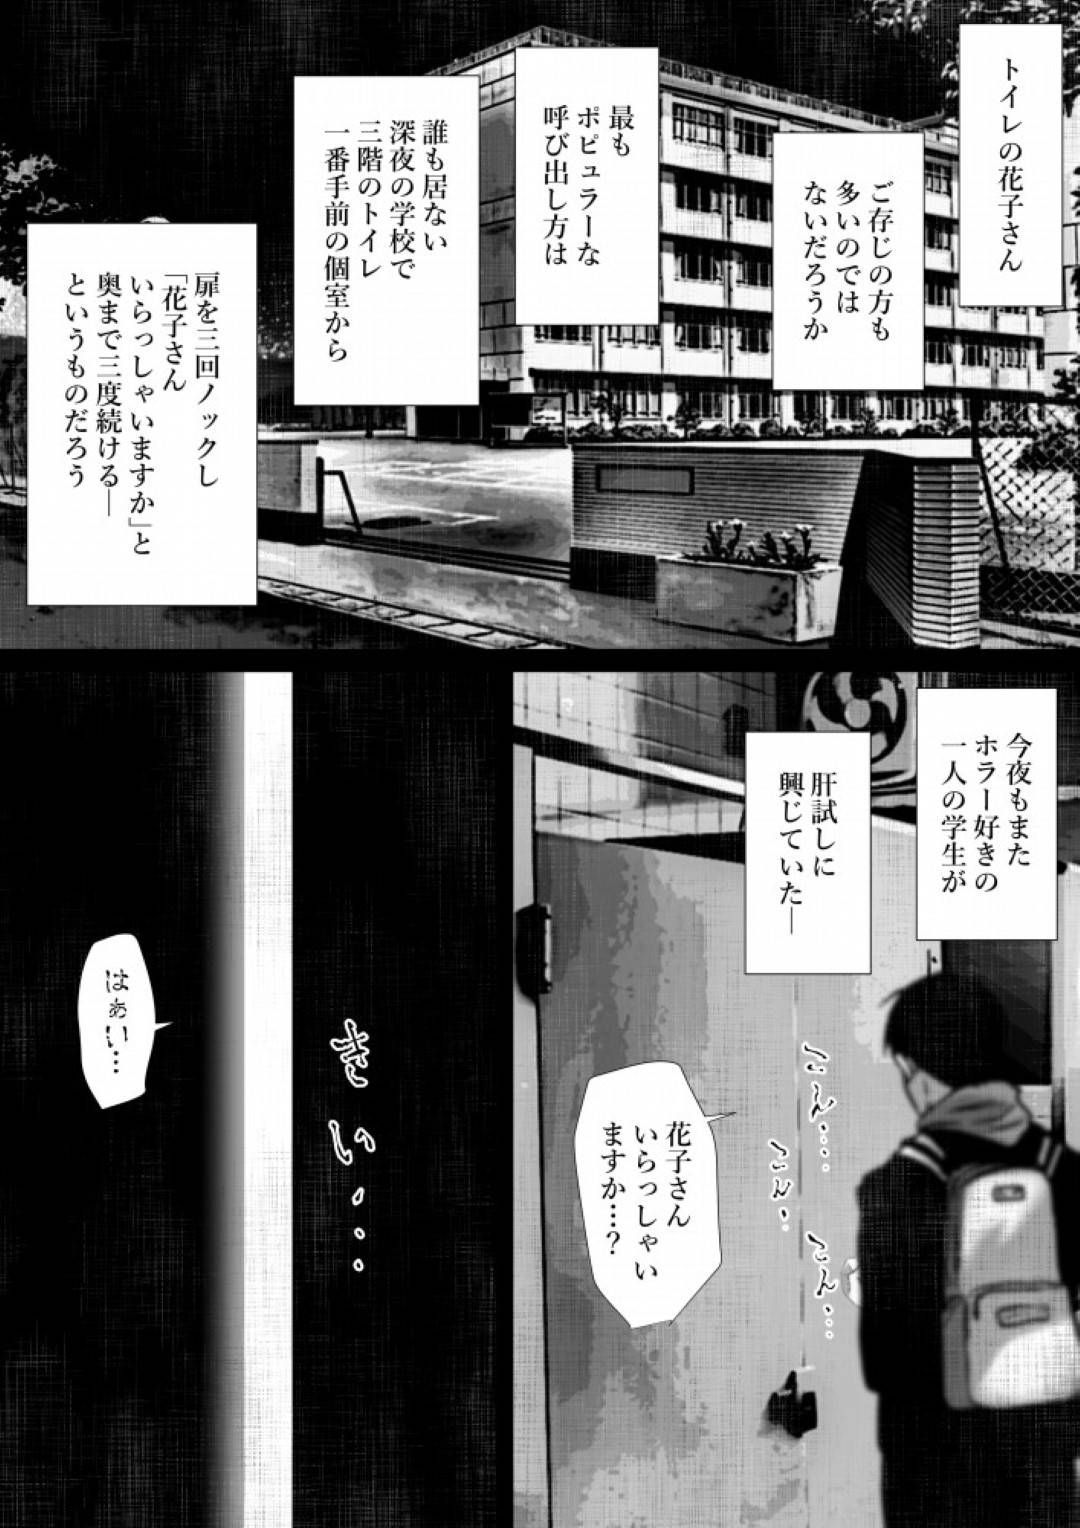 【エロ同人誌】トイレの花子さんと呼ばれ続ける巨乳少女…今日も悪戯半分に呼び出されたかと思い返事をすると黒人男性が目の前に!日本の幽霊に興奮を覚える男性の巨根で犯される!【はいぱーどろっぷきっく (ぢぃ):洒落にならないエロい話肉便器(トイレ)の花子さん】